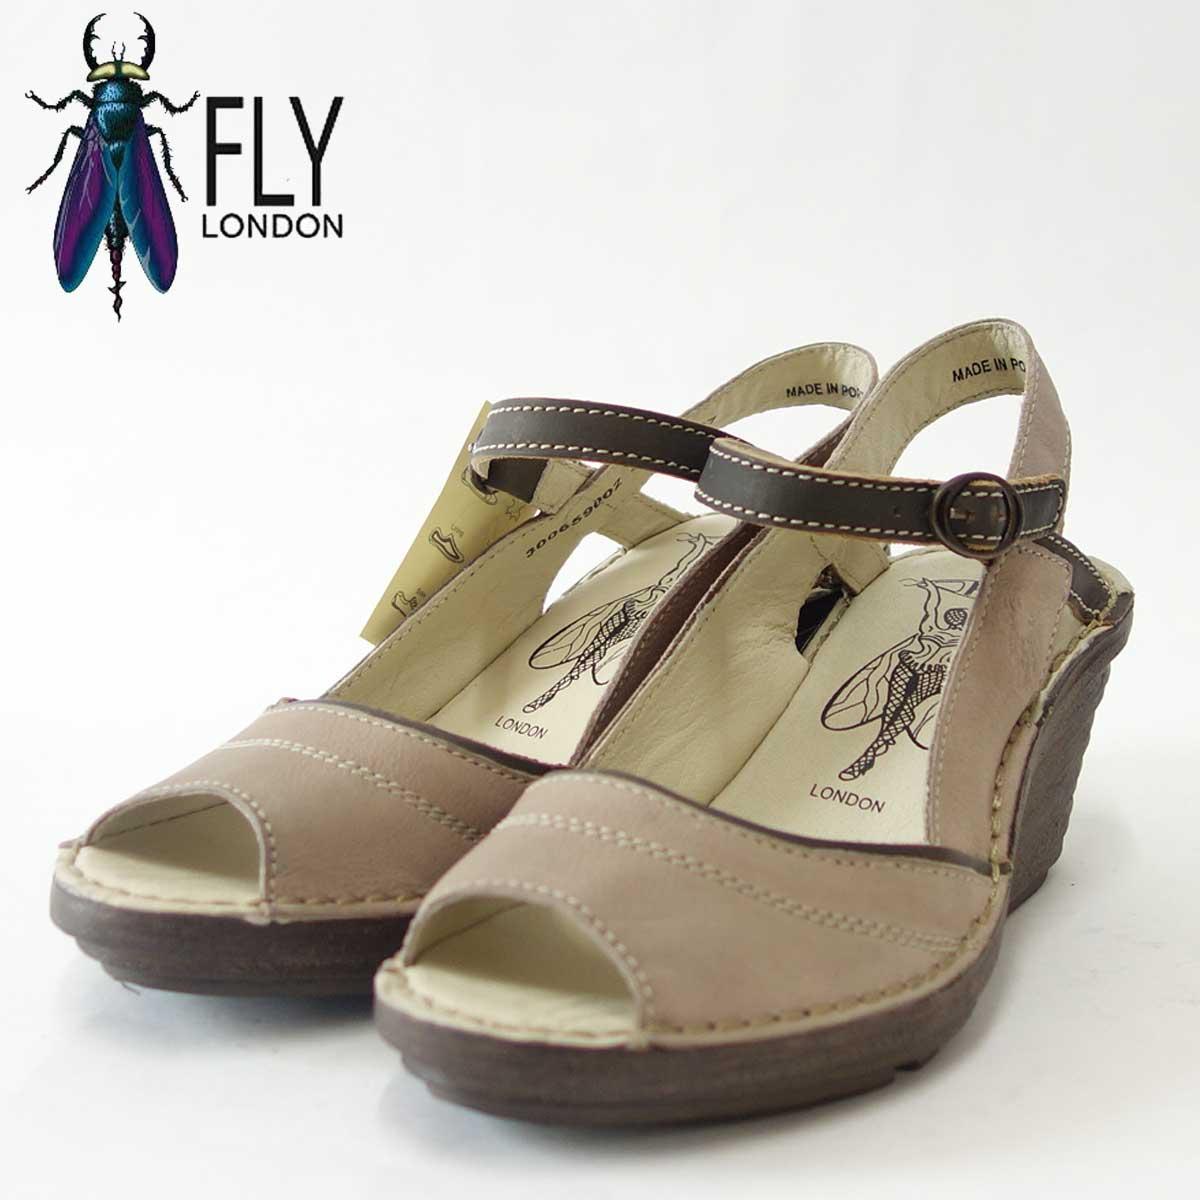 FLY LONDON フライロンドン SHEA659FLY 300659 002 グレーオープントゥウェッジサンダル「靴」